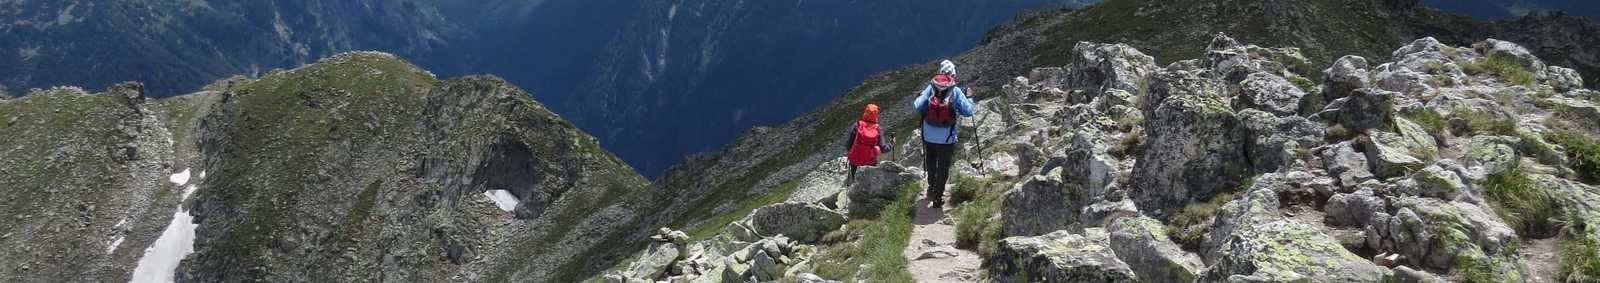 Bulgaria Hike